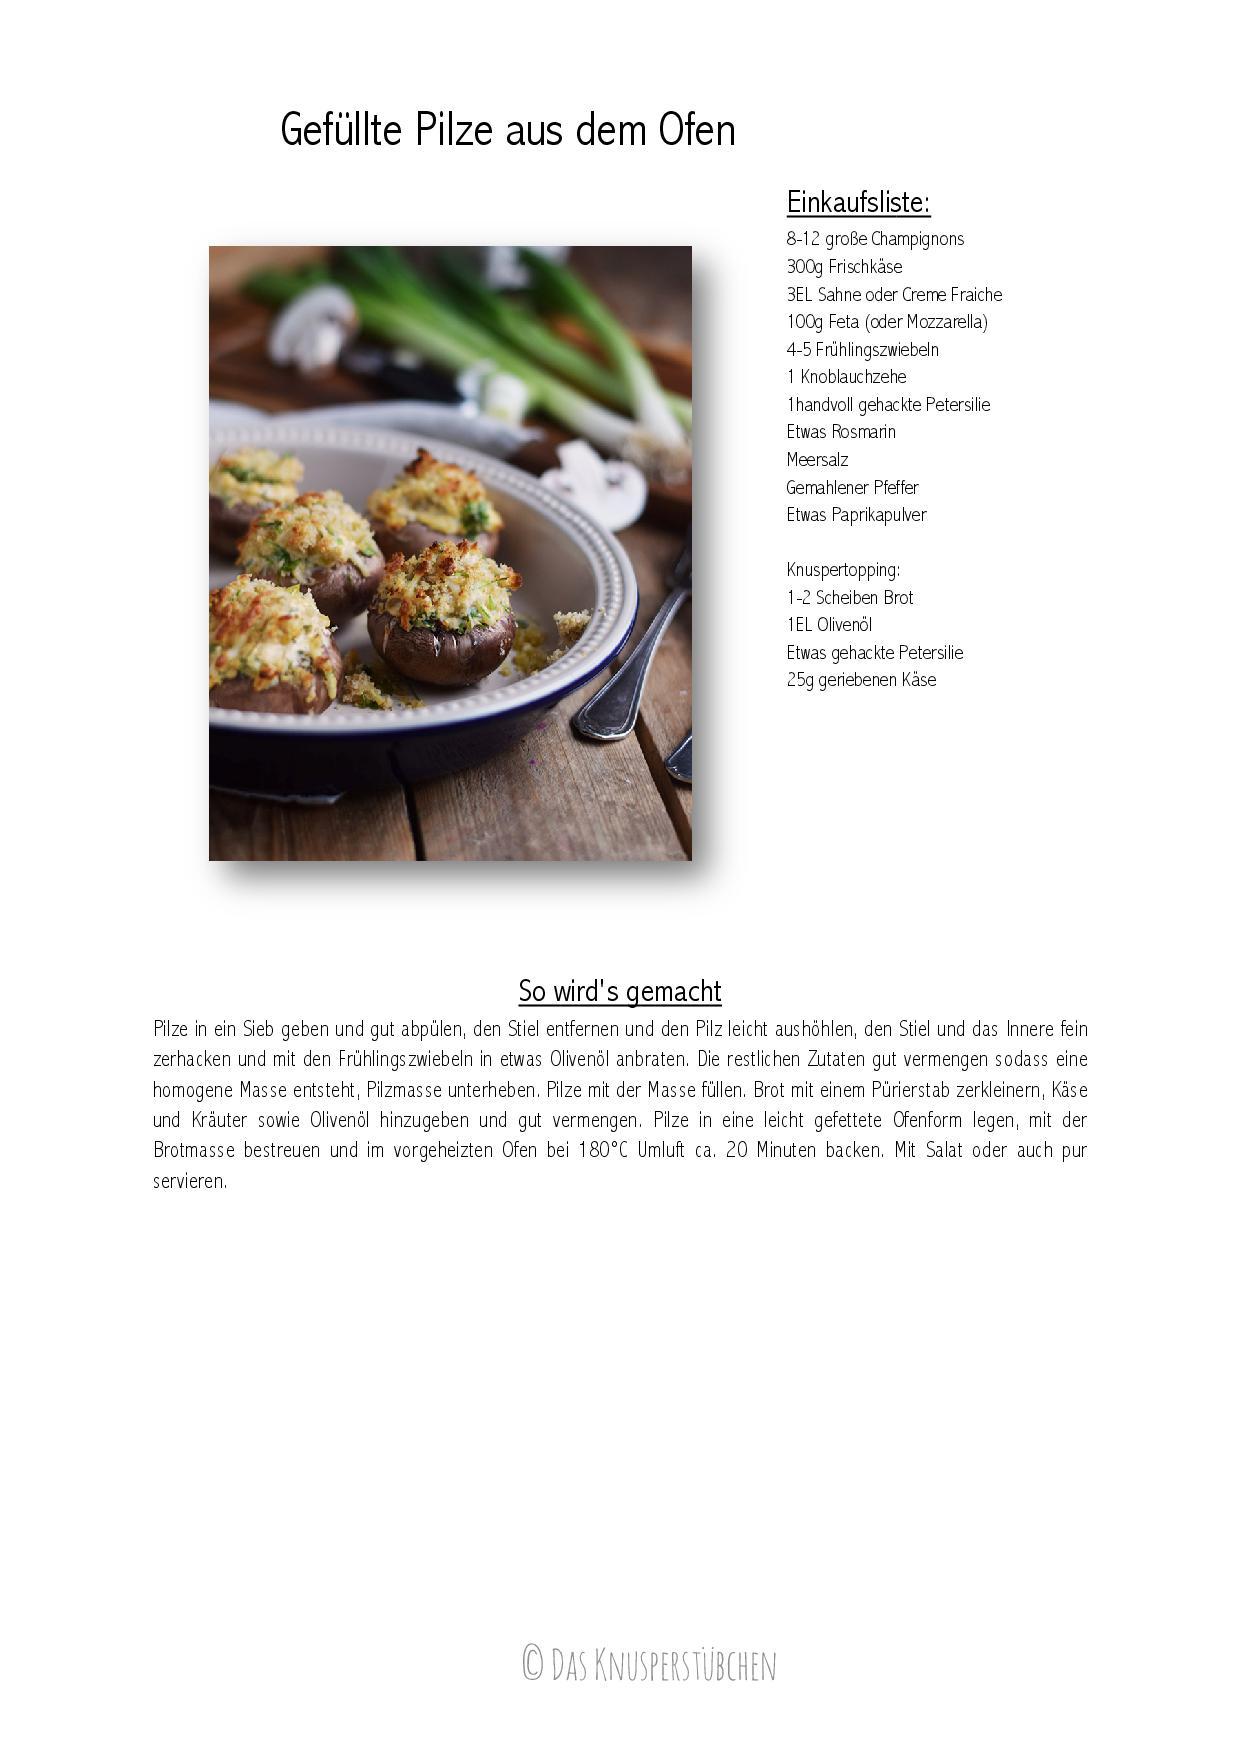 Gefuellte Pilze aus dem Ofen-001